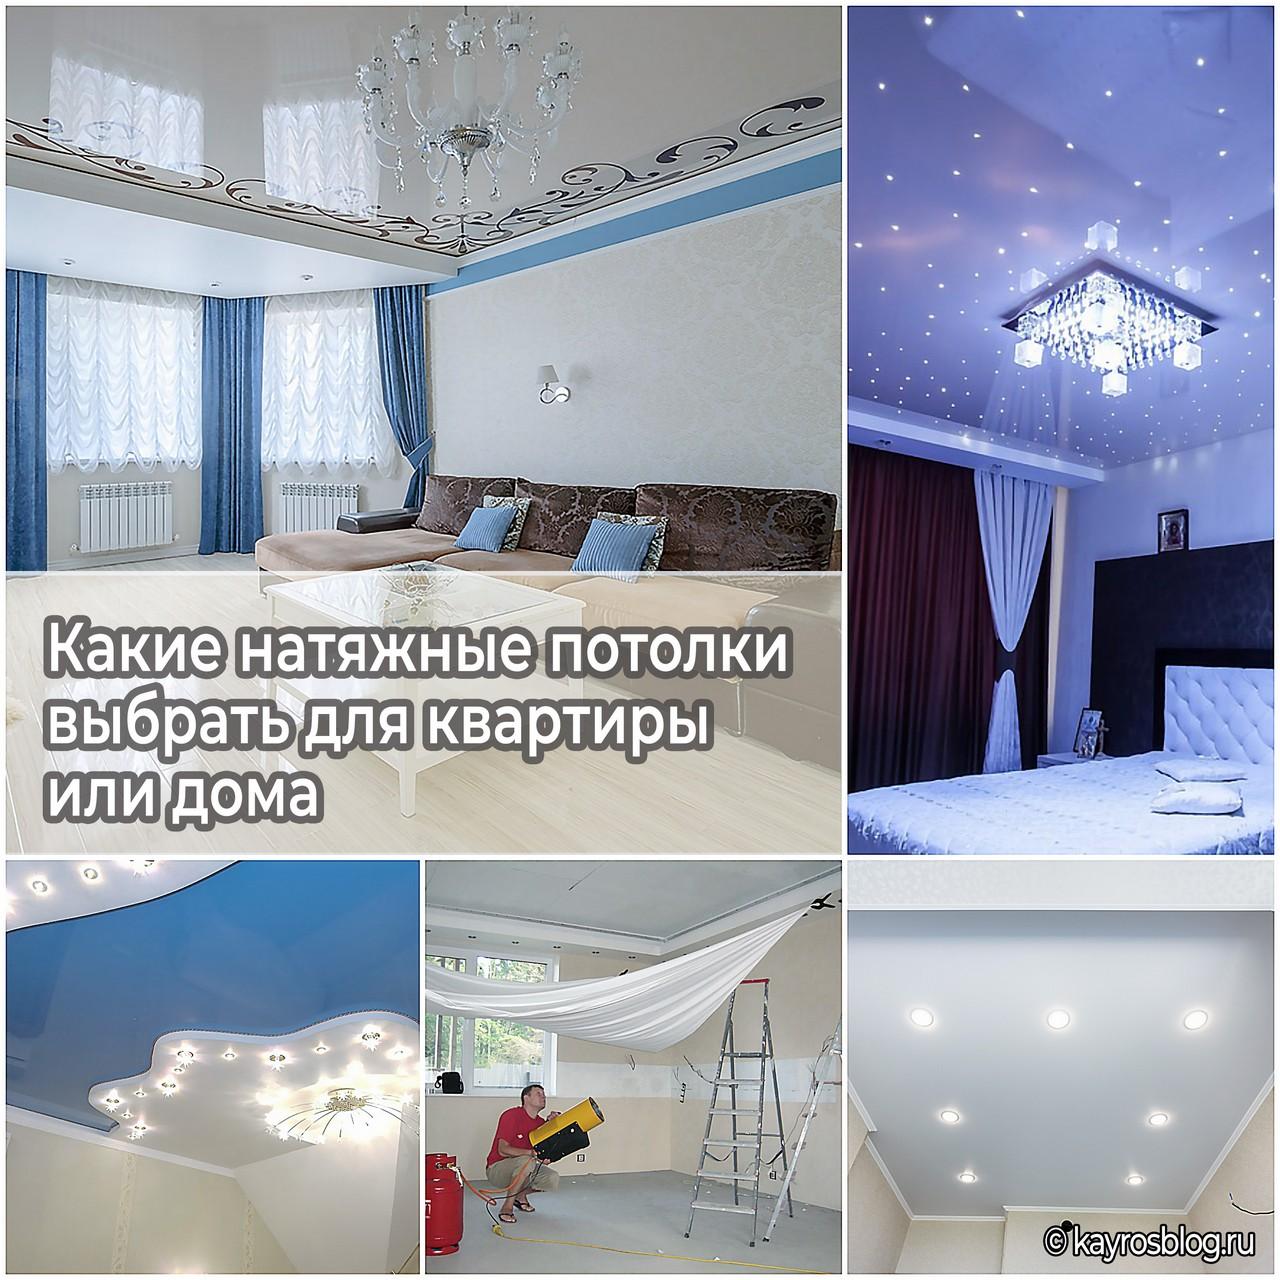 Какие натяжные потолки выбрать для квартиры или дома